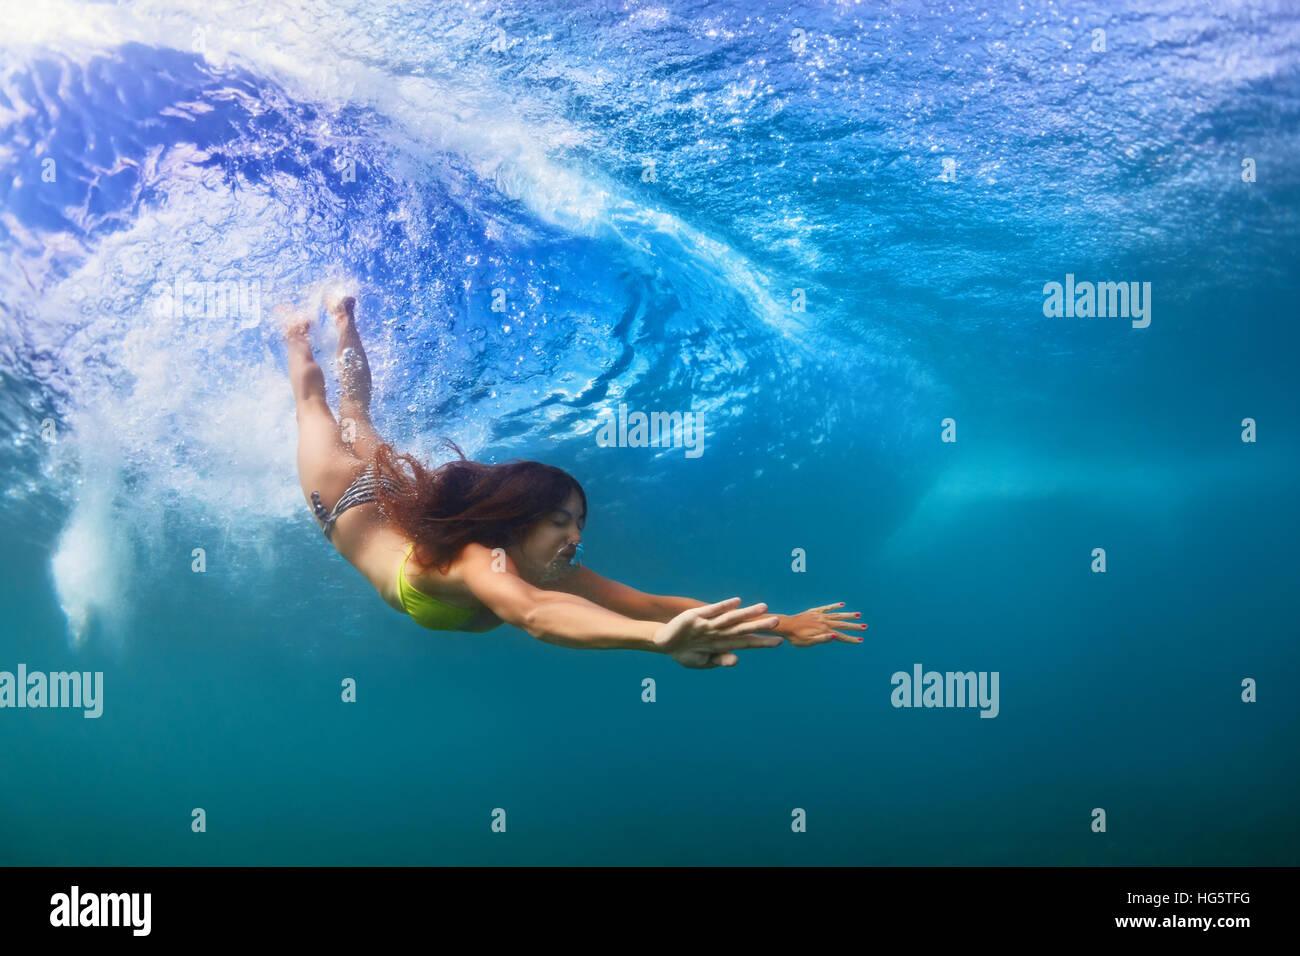 Los jóvenes deportistas chica en bikini en acción. Colocar mujer nadar bajo el agua, bucear bajo el romper Imagen De Stock